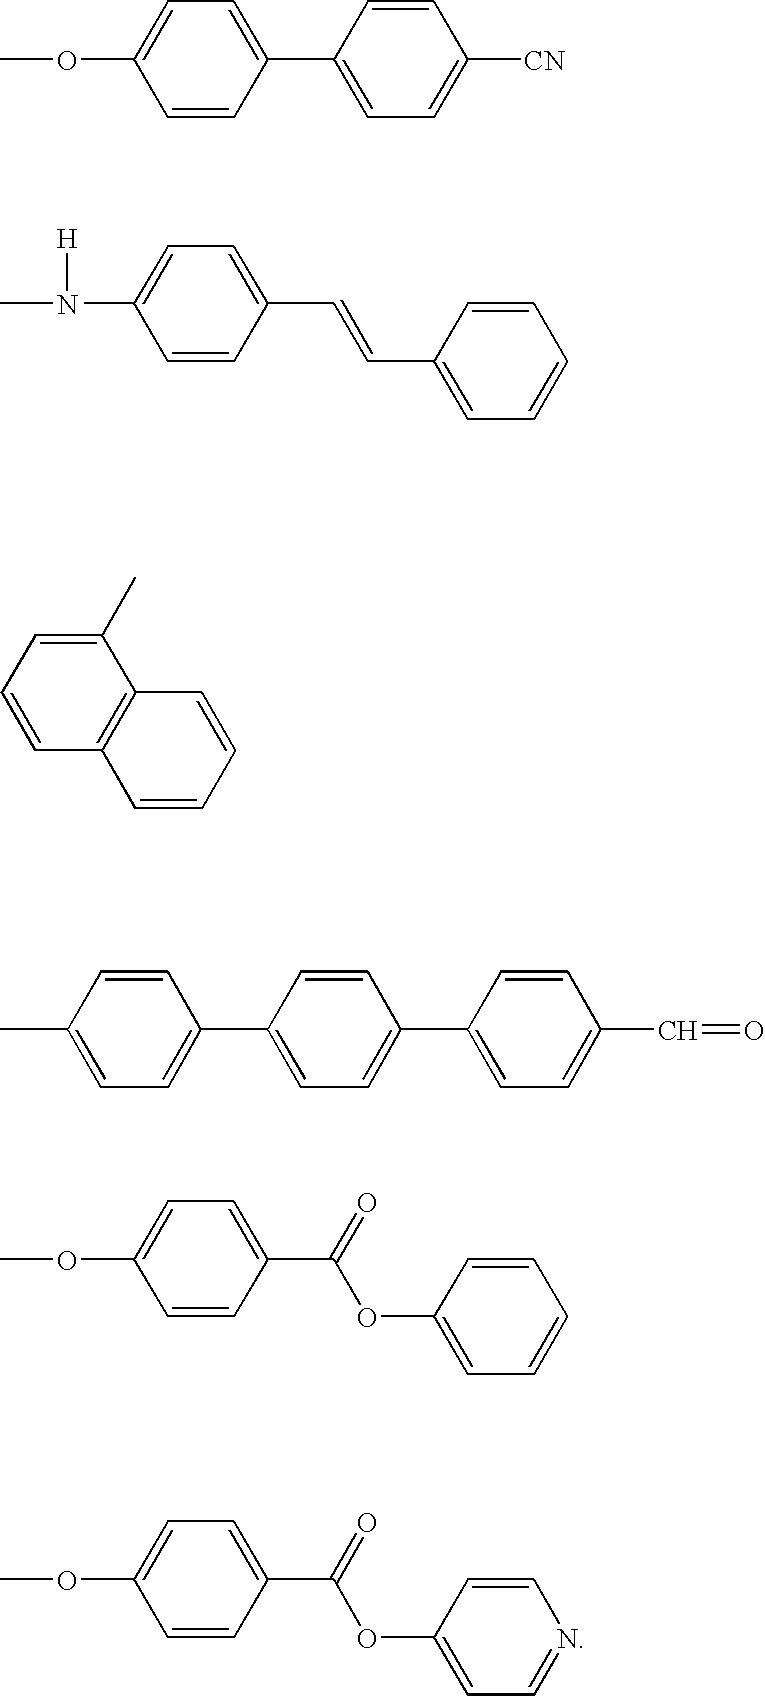 Figure US20080311489A1-20081218-C00017